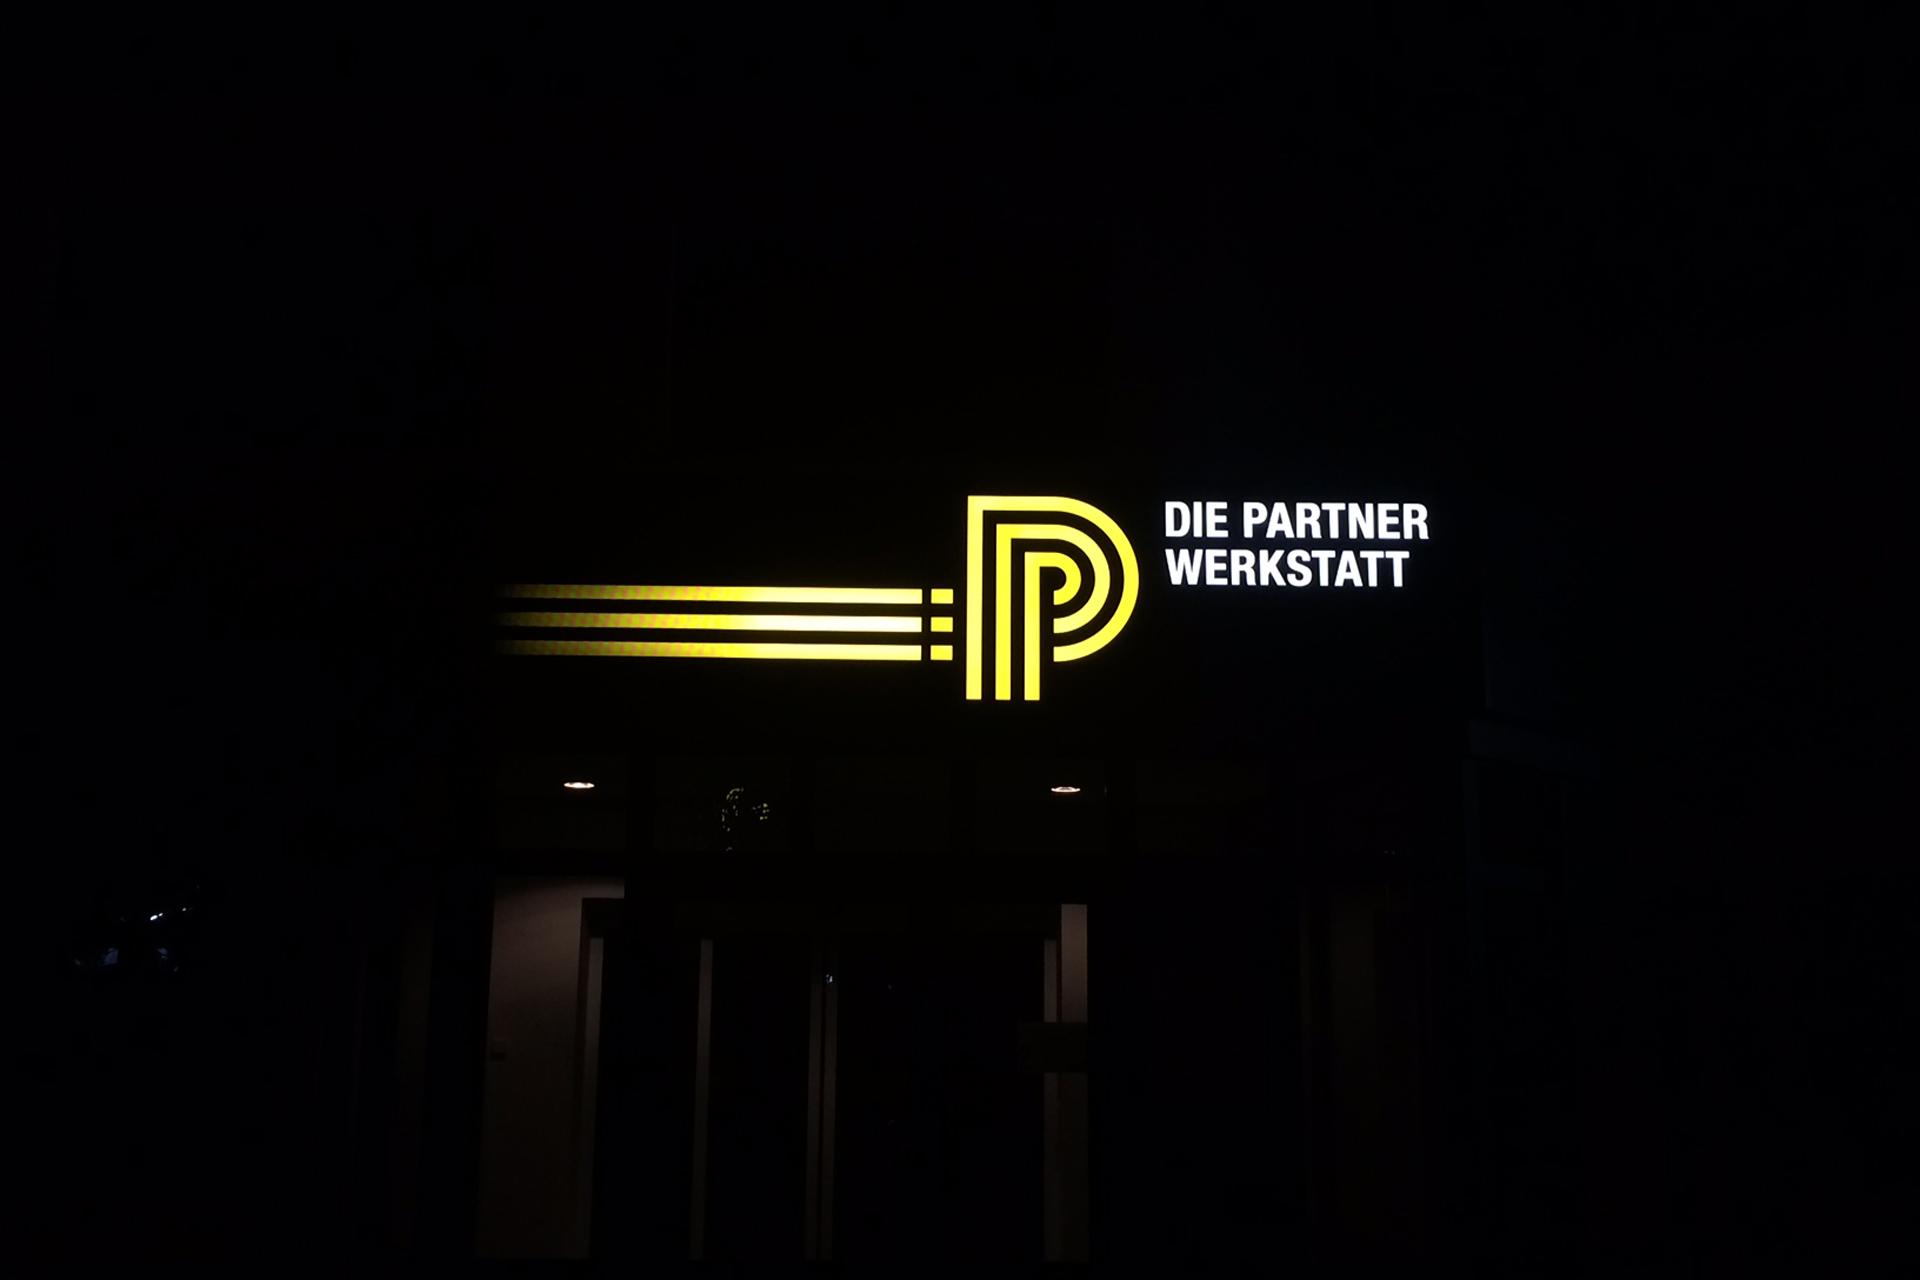 HUK Partnerwerkstatt Lichtwerbung